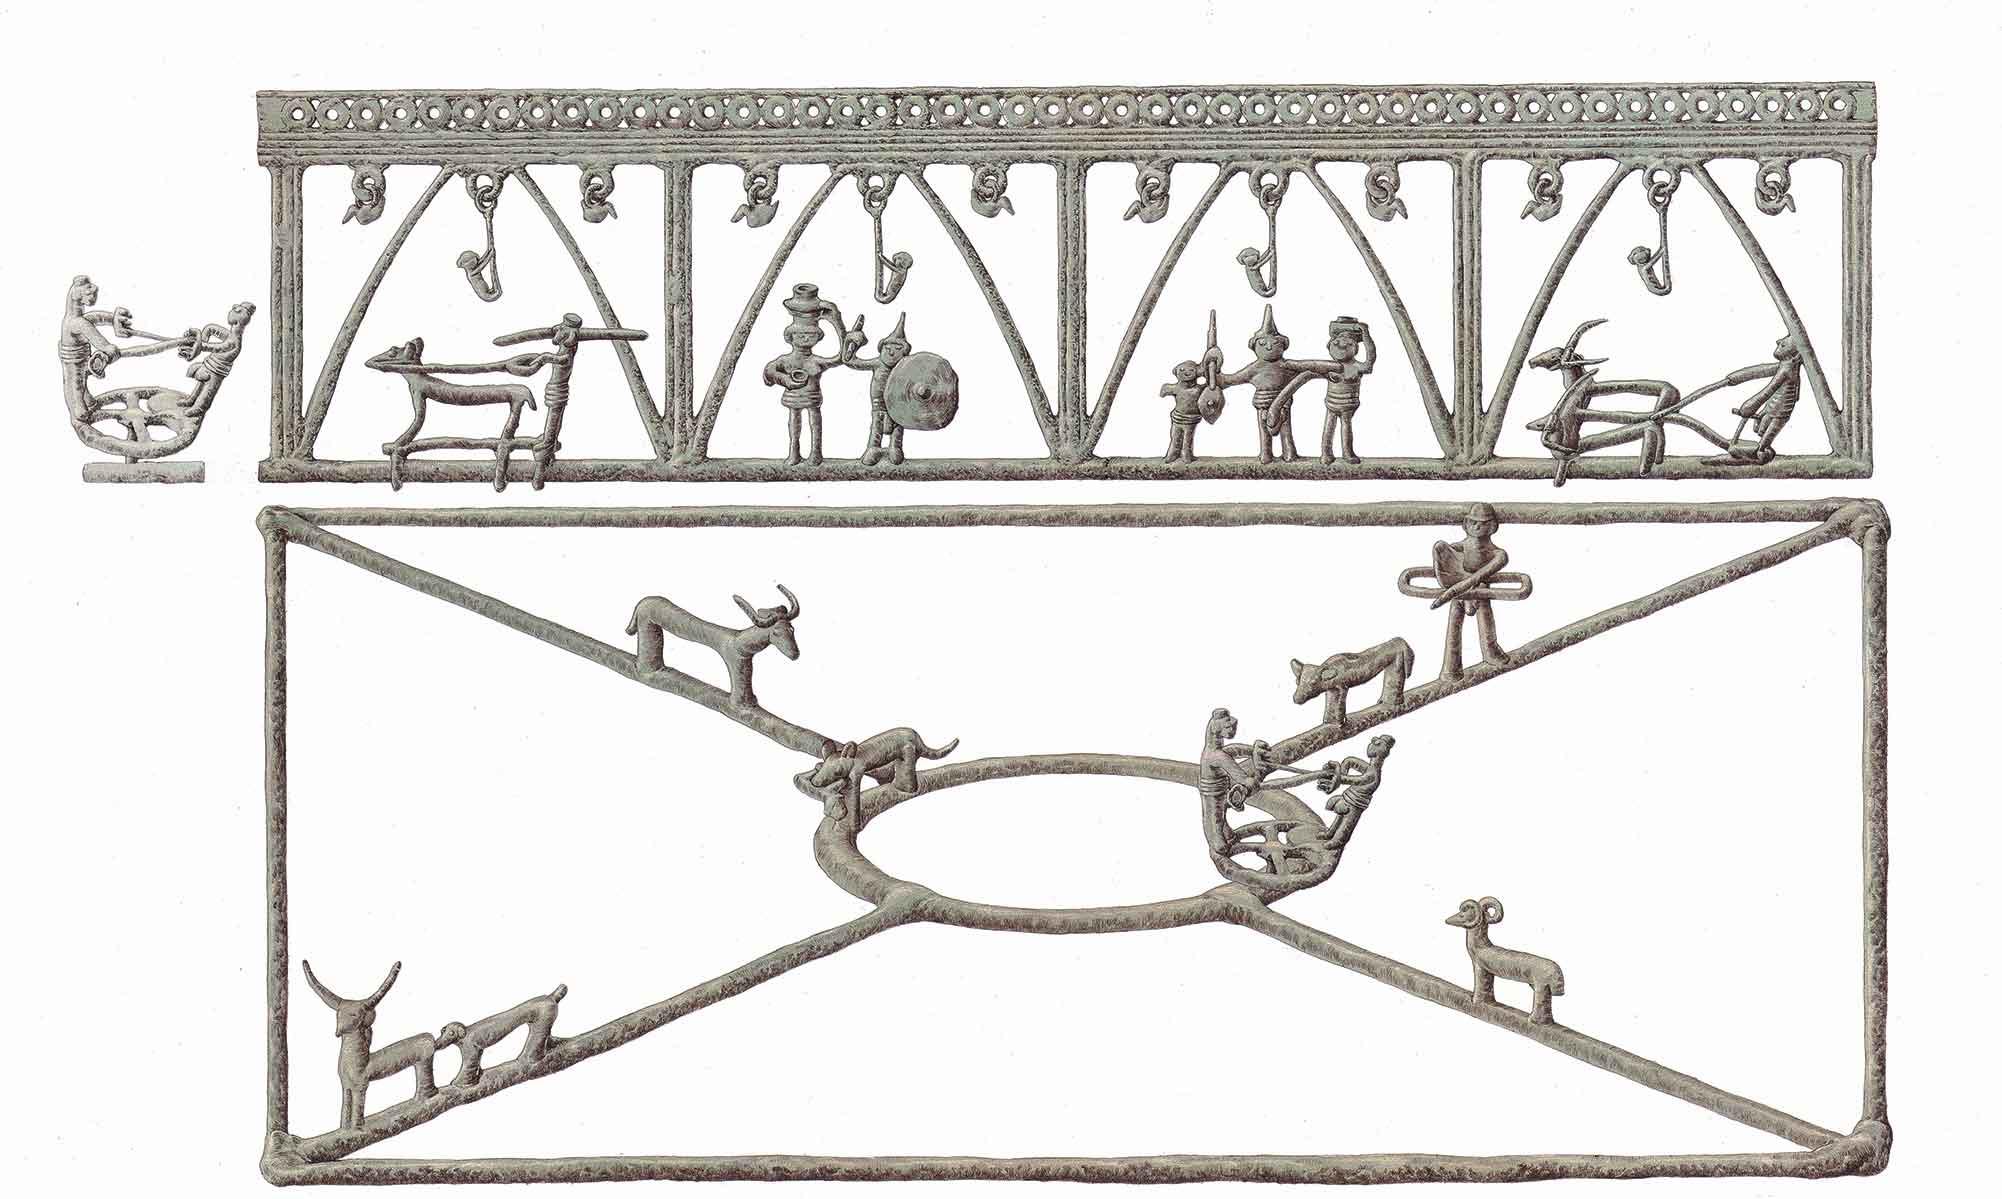 Carrello-cerimoniale-da-BisenzioRito-dellaratura-e-la-costruzione-delle-mura-palatine-inklink-musei-simone-boni